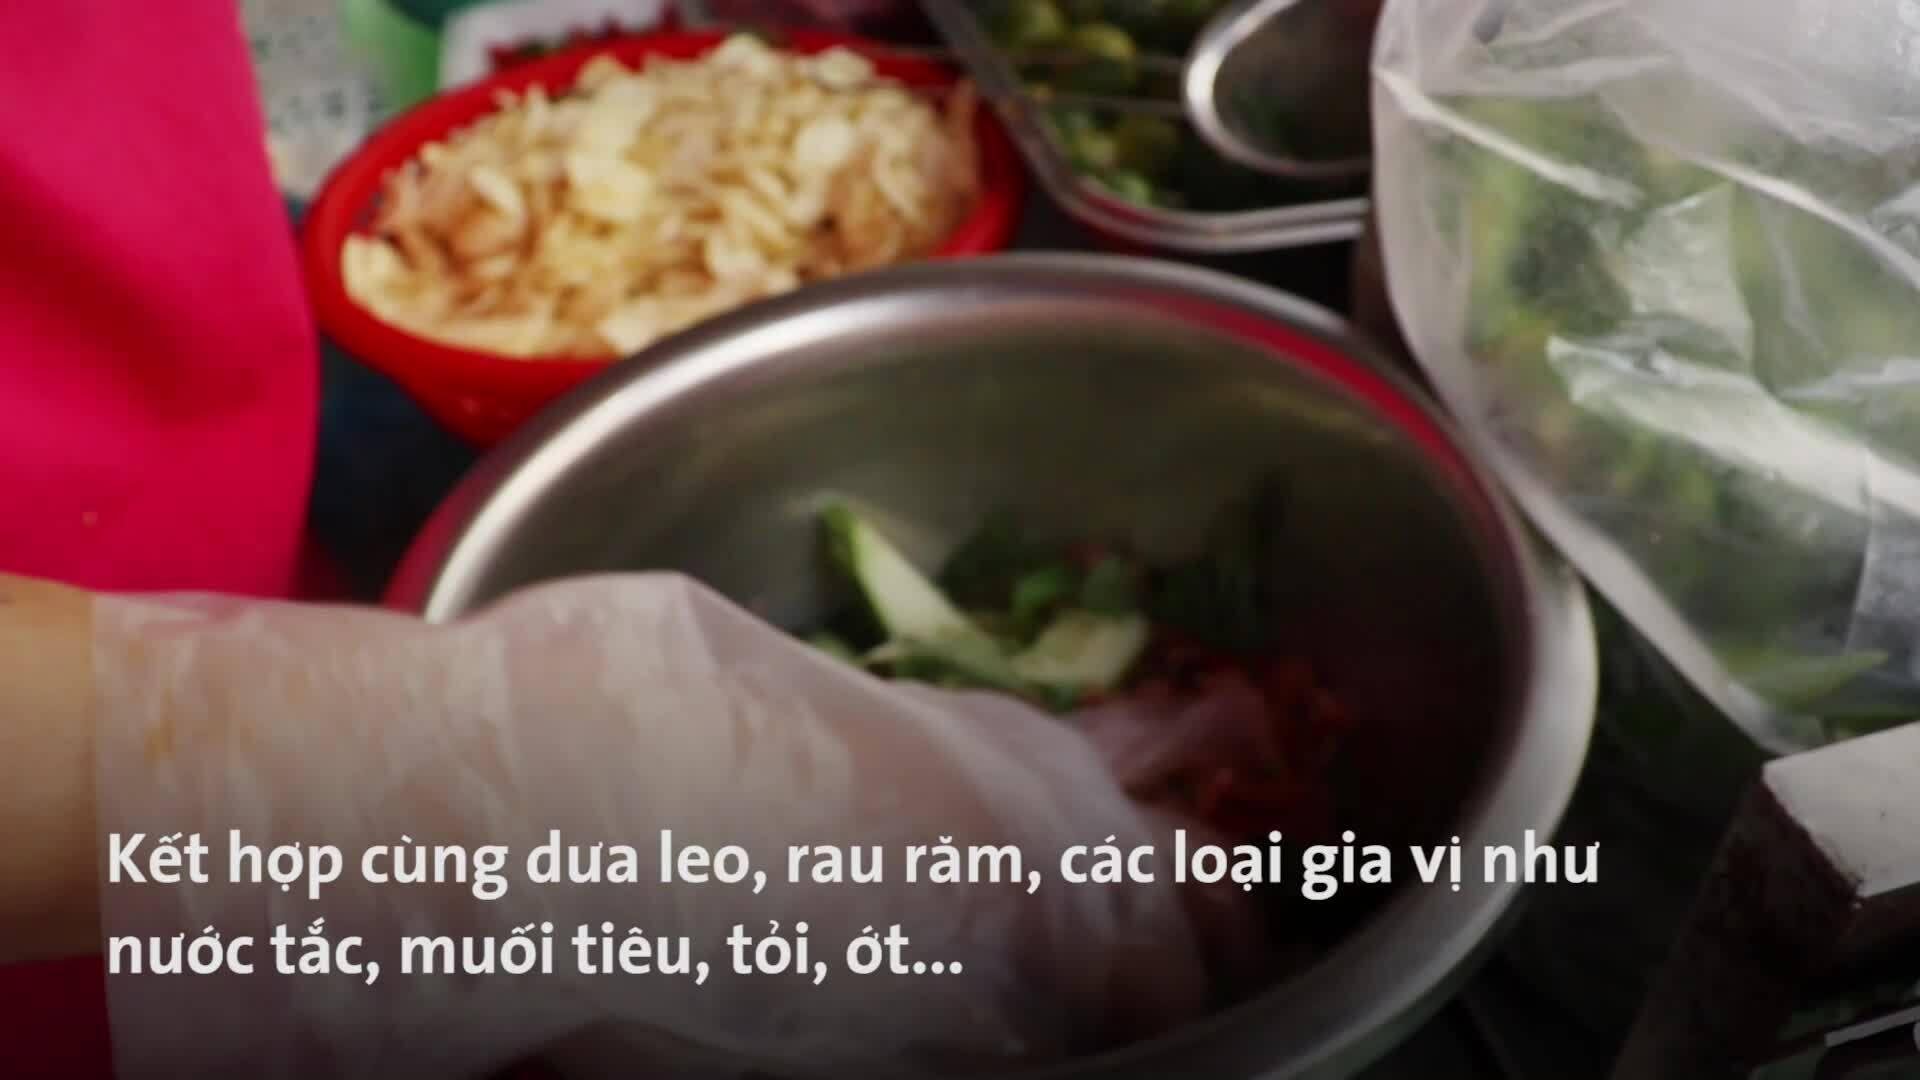 Trải nghiệm ăn vặt ở phố Nguyễn Thượng Hiền